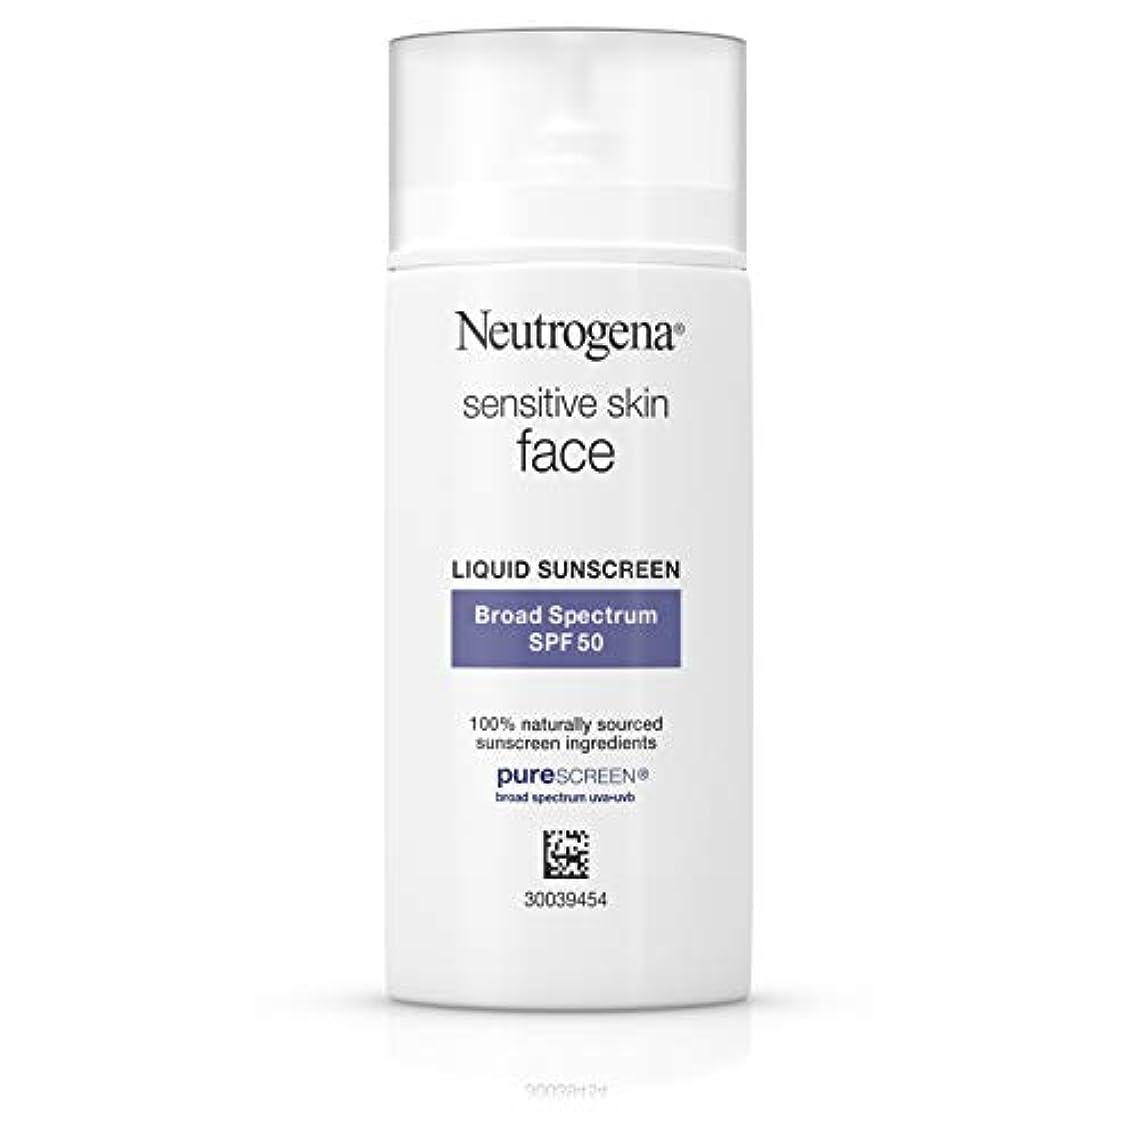 対応するそこ名声Neutrogena 酸化亜鉛、広域スペクトルSPF 50、1.4フロリダ州での自然の食材から敏感肌のための顔日焼け止め。オズ